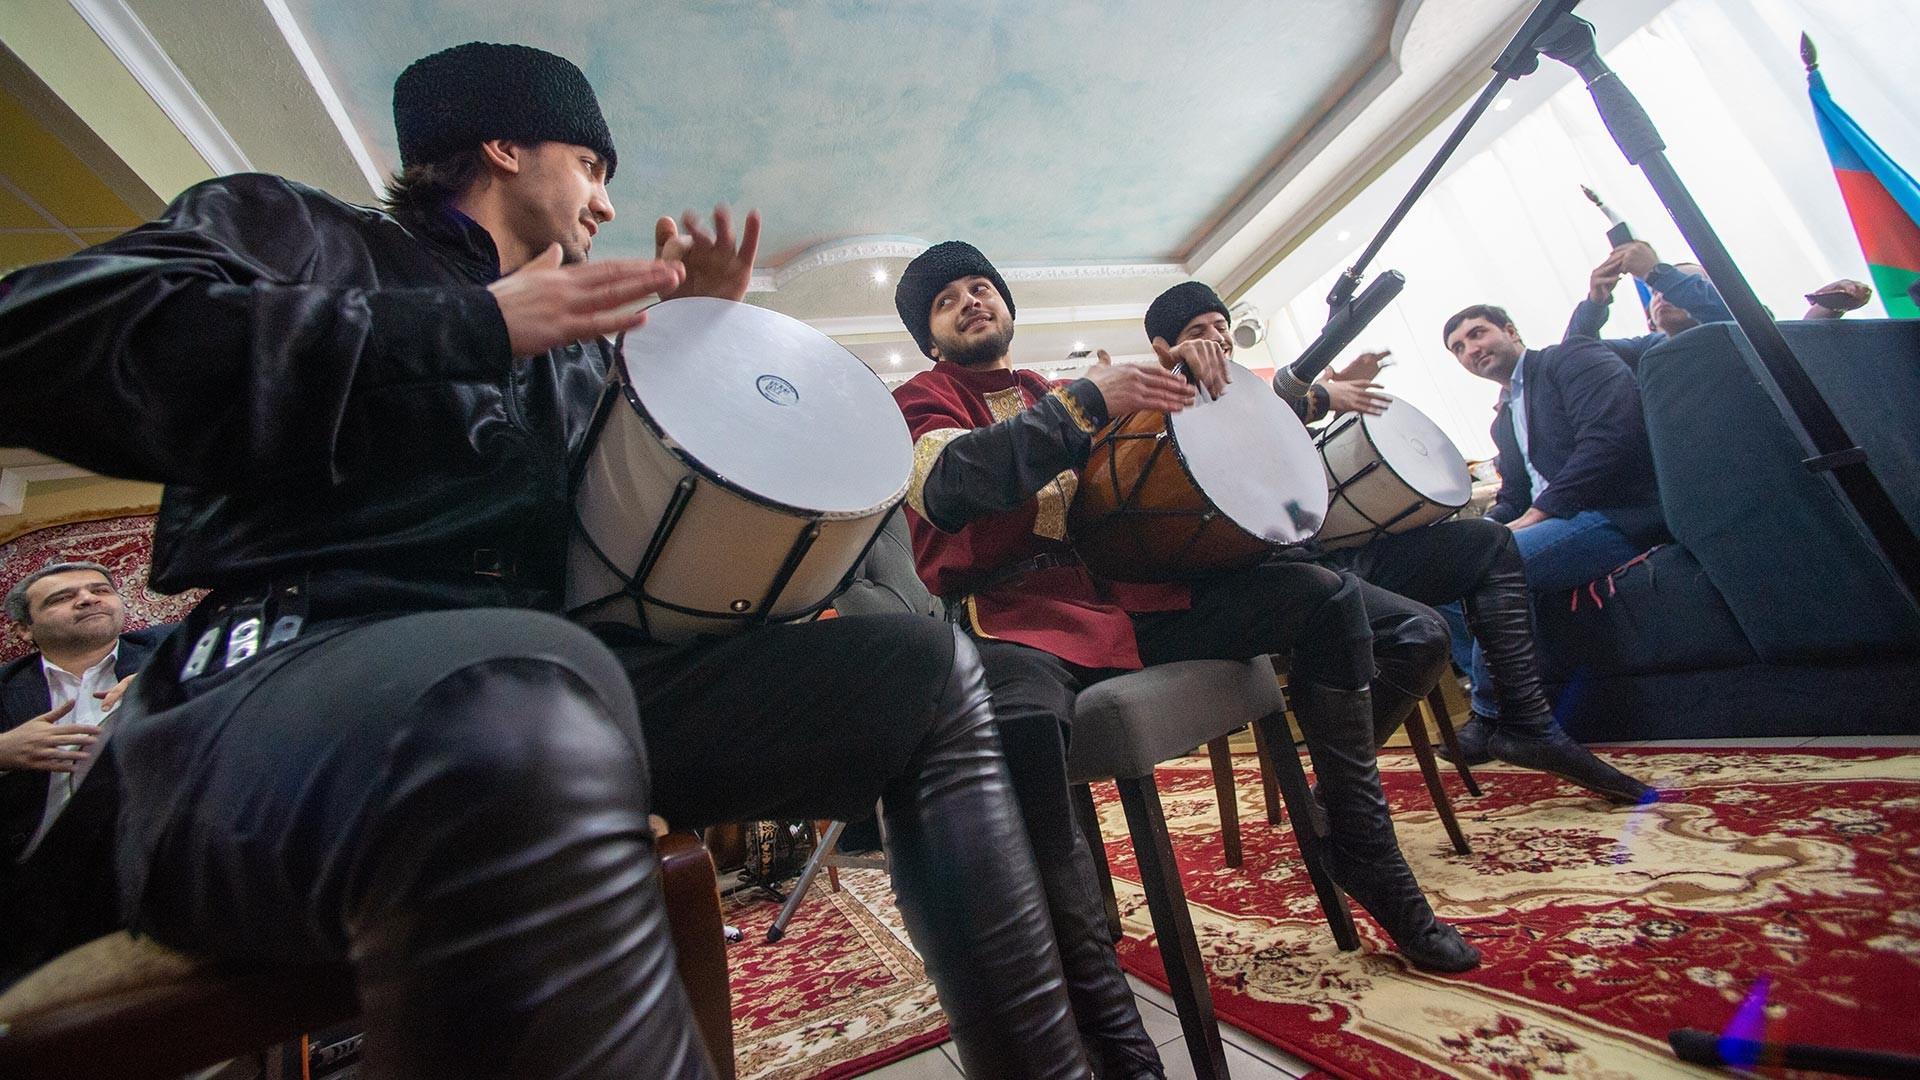 Торжественное открытие Азербайджанского культурно-образовательного центра в Химках.